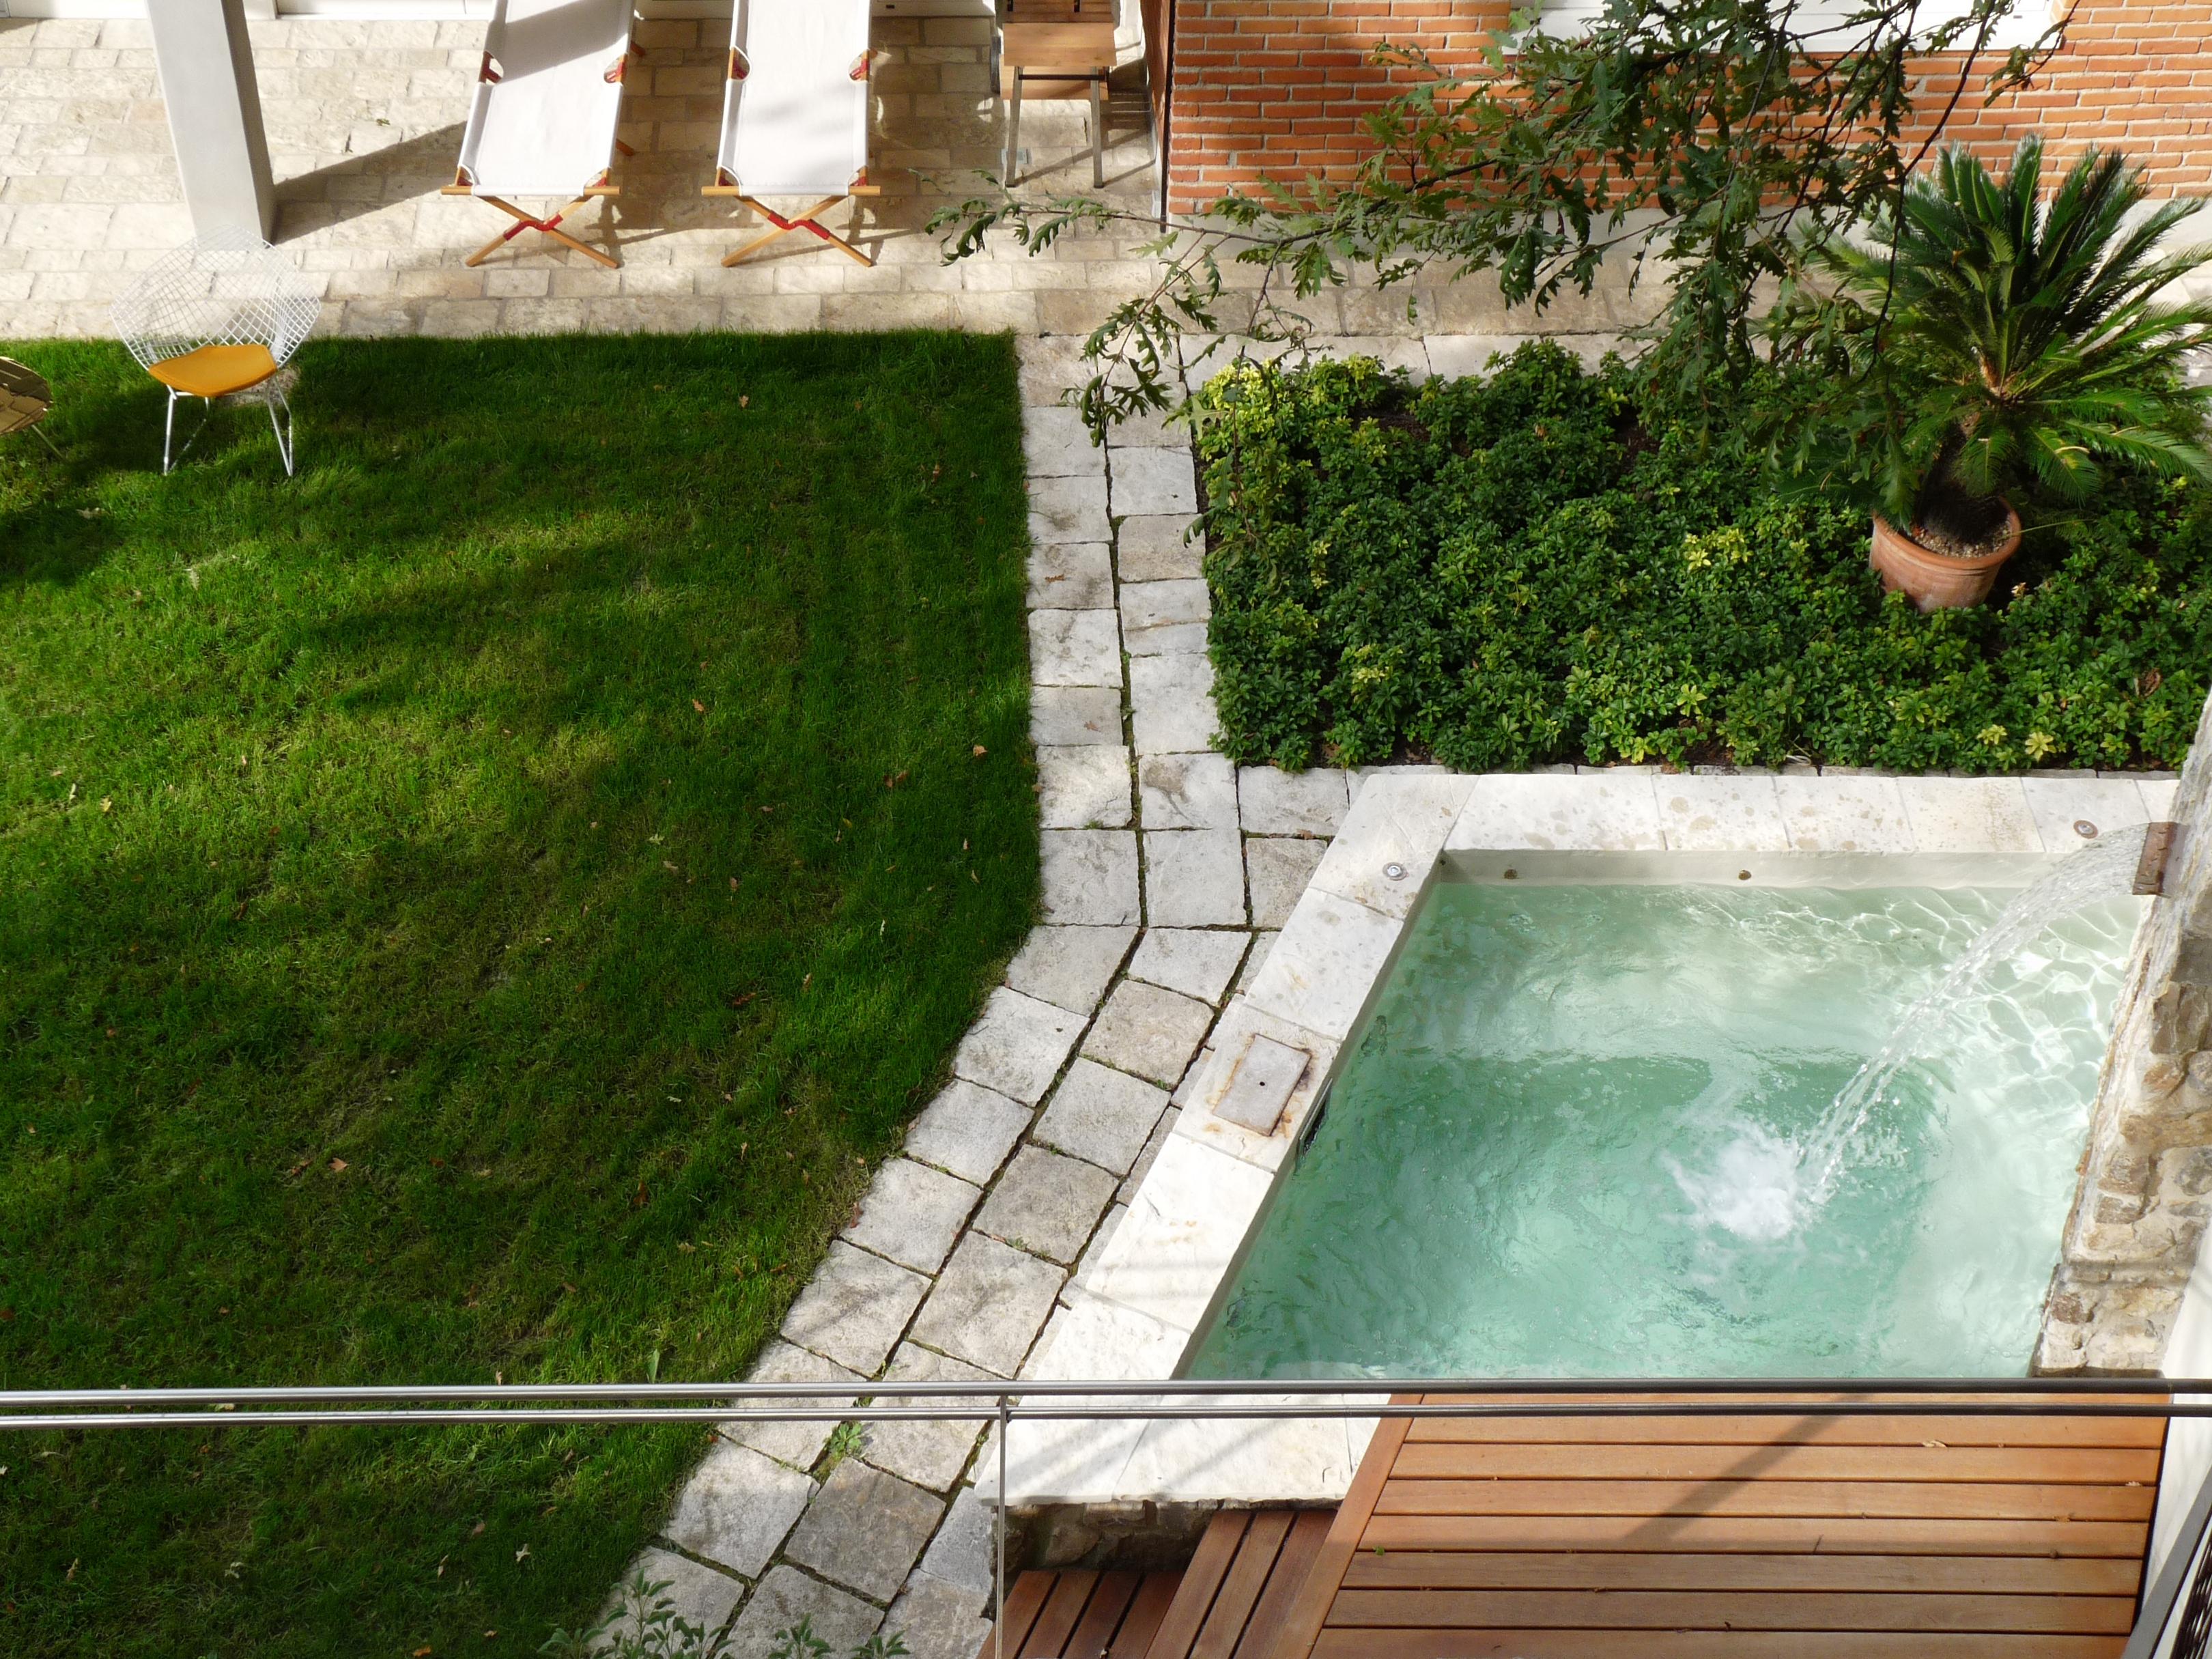 Realizzazione Giardini Moderni : Progettazione e realizzazione giardini di lusso frullani group